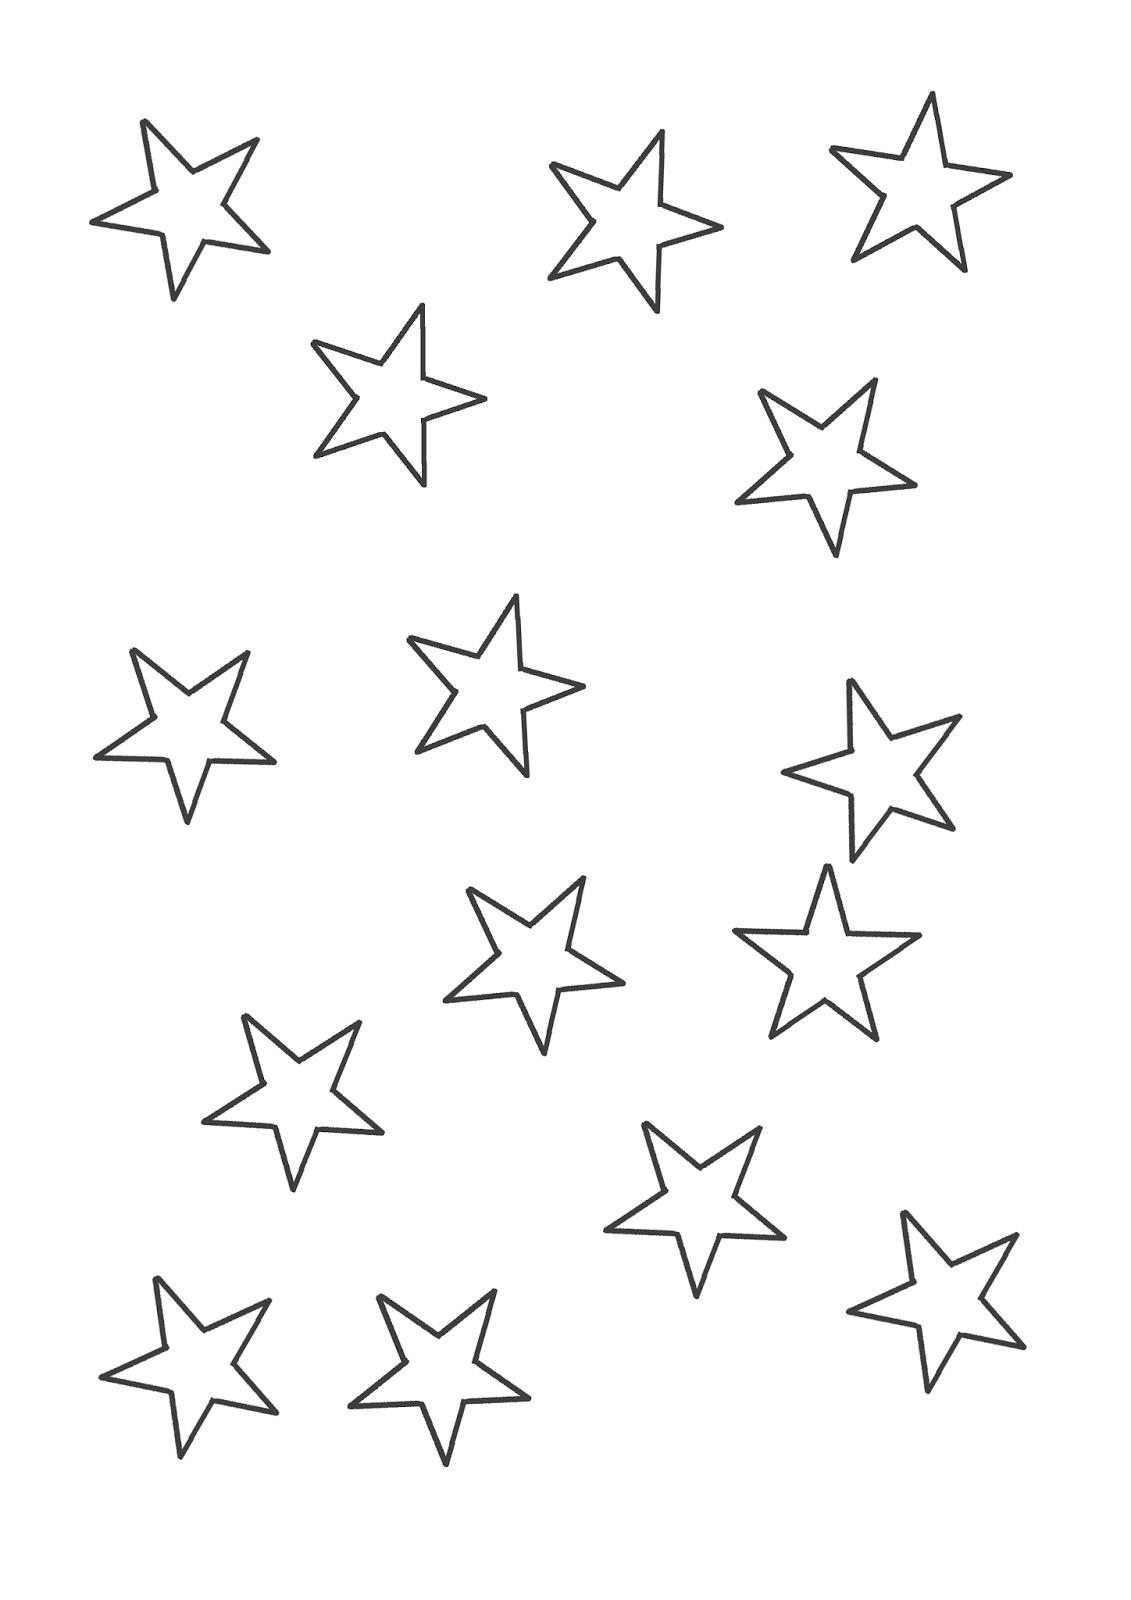 estrelas desenhos desenhos para colorir